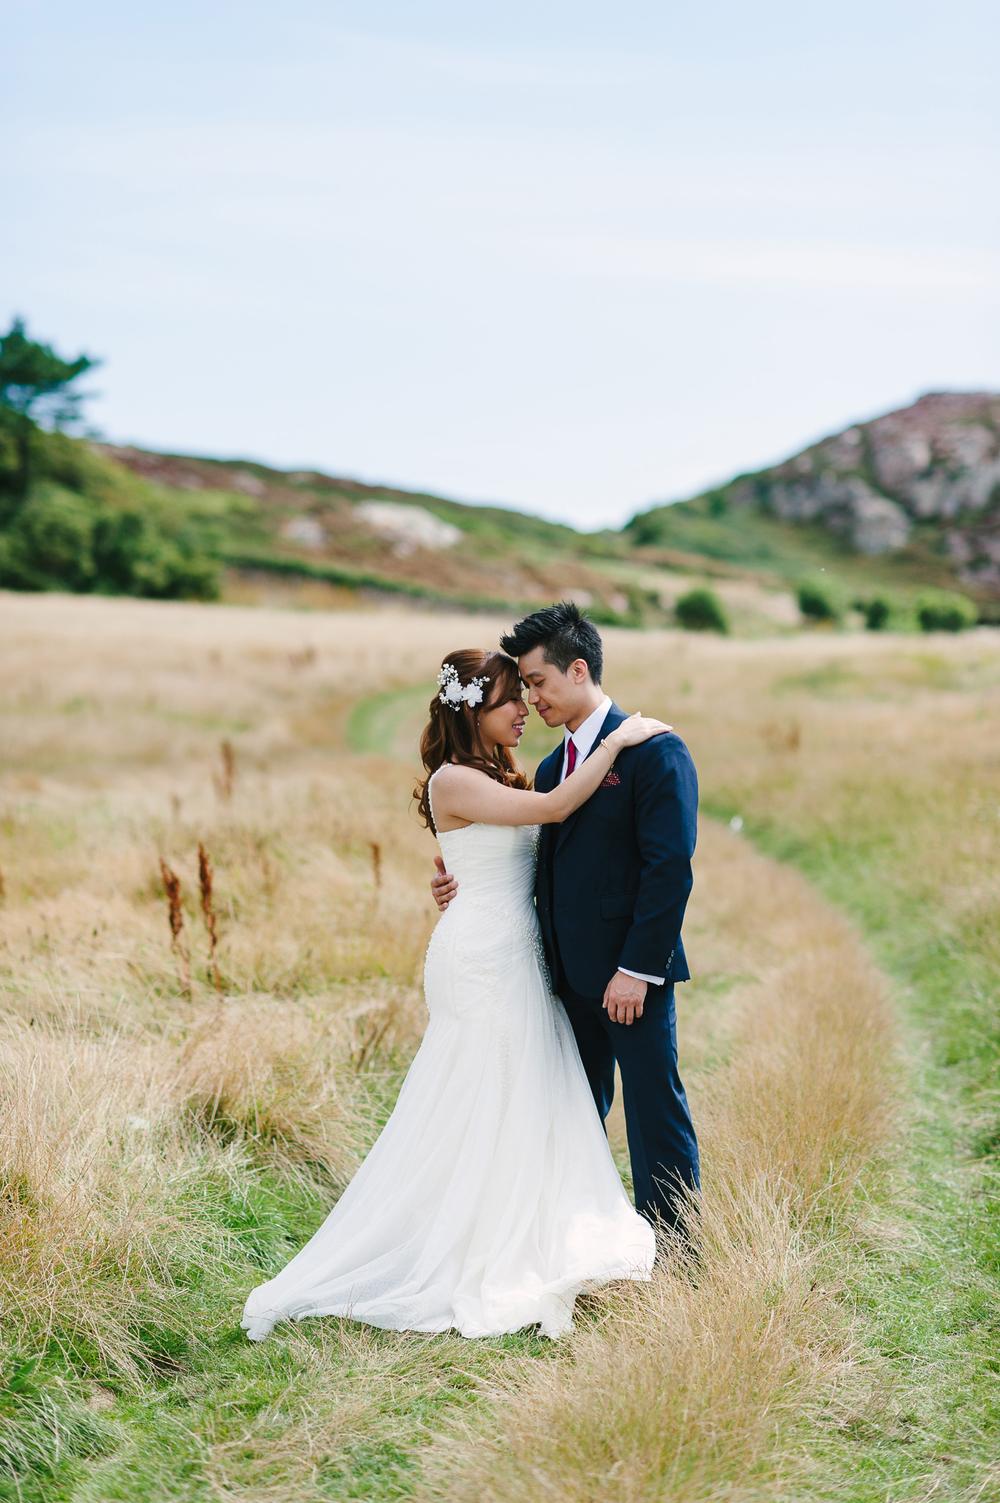 Wedding Photography Dublin Howth Bull Island Daphne and Stuart 013.JPG